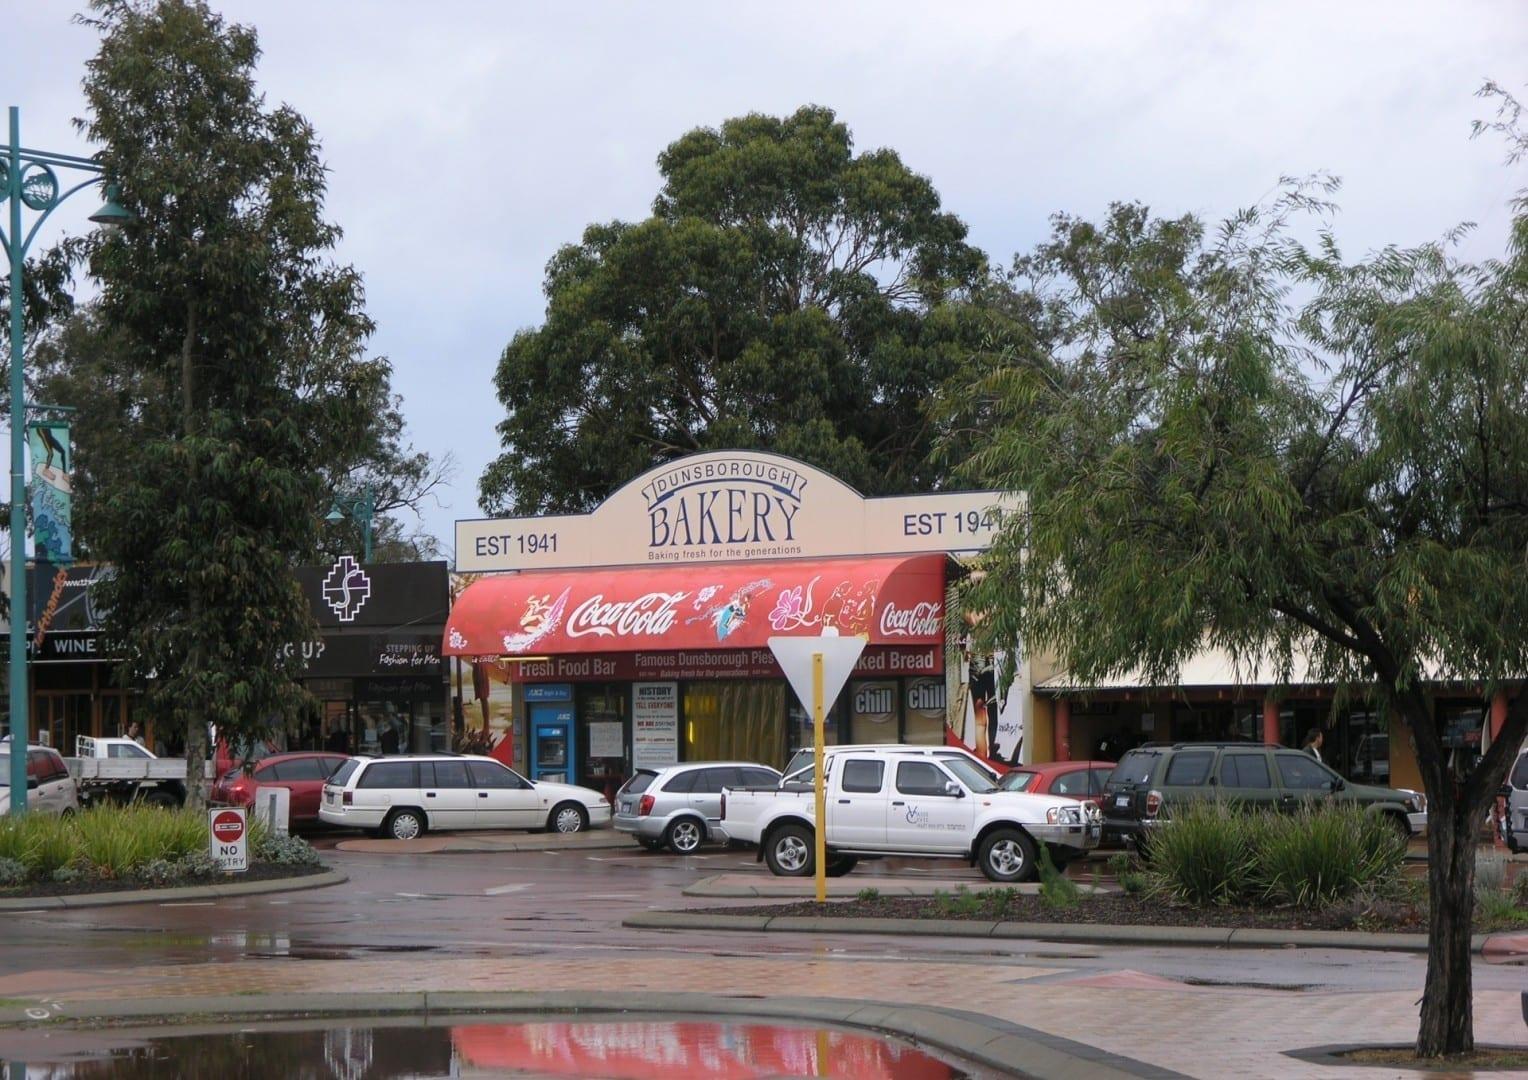 La popular panadería Dunsborough Dunsborough Australia